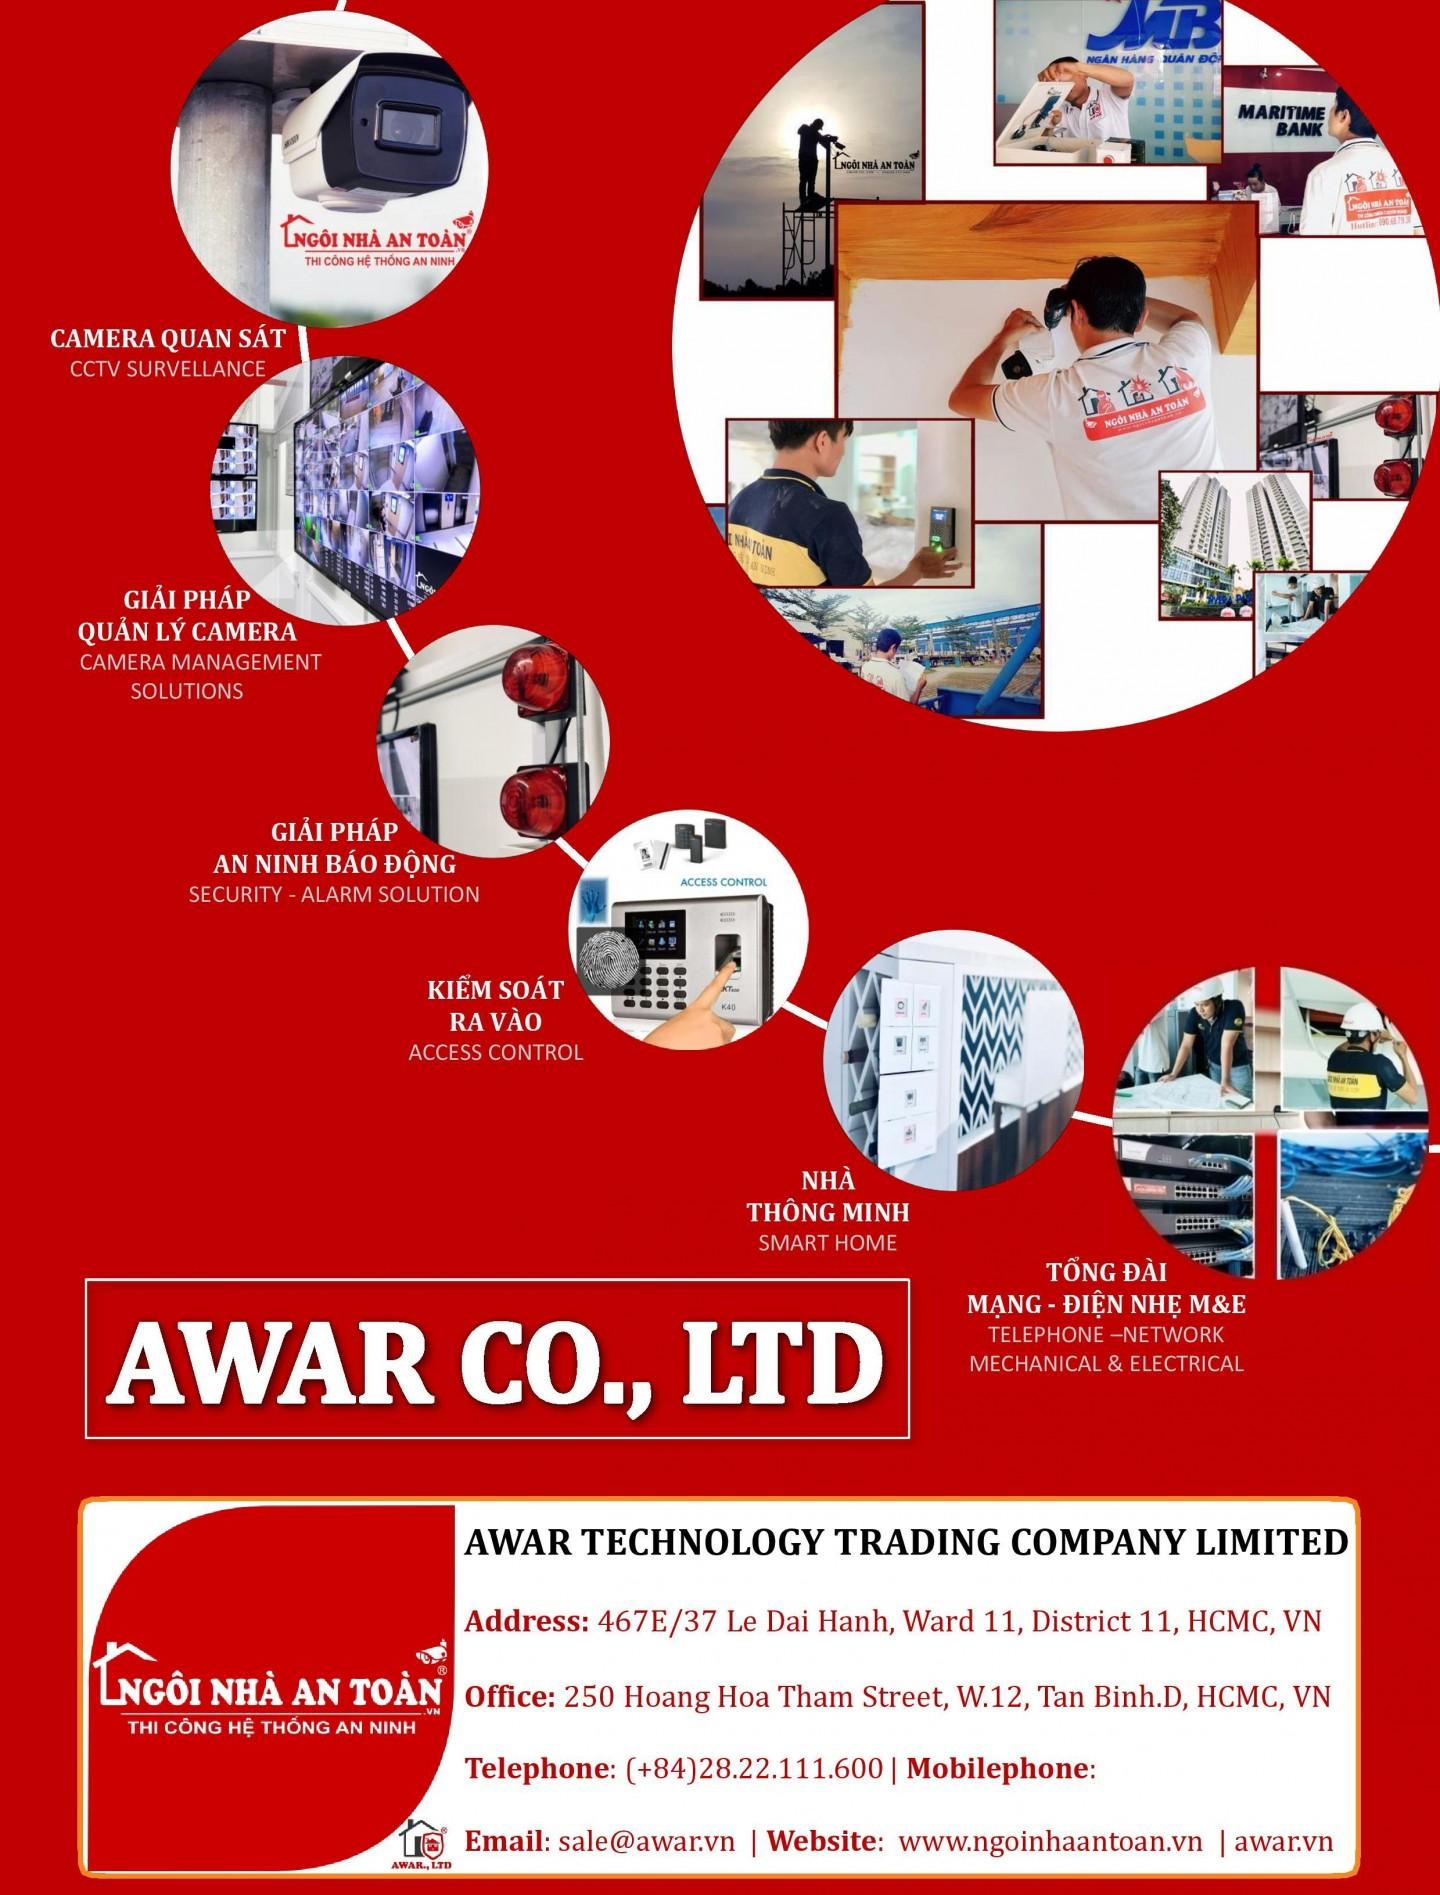 Hồ sơ năng lực công ty awar (ngôi nhà an toàn)